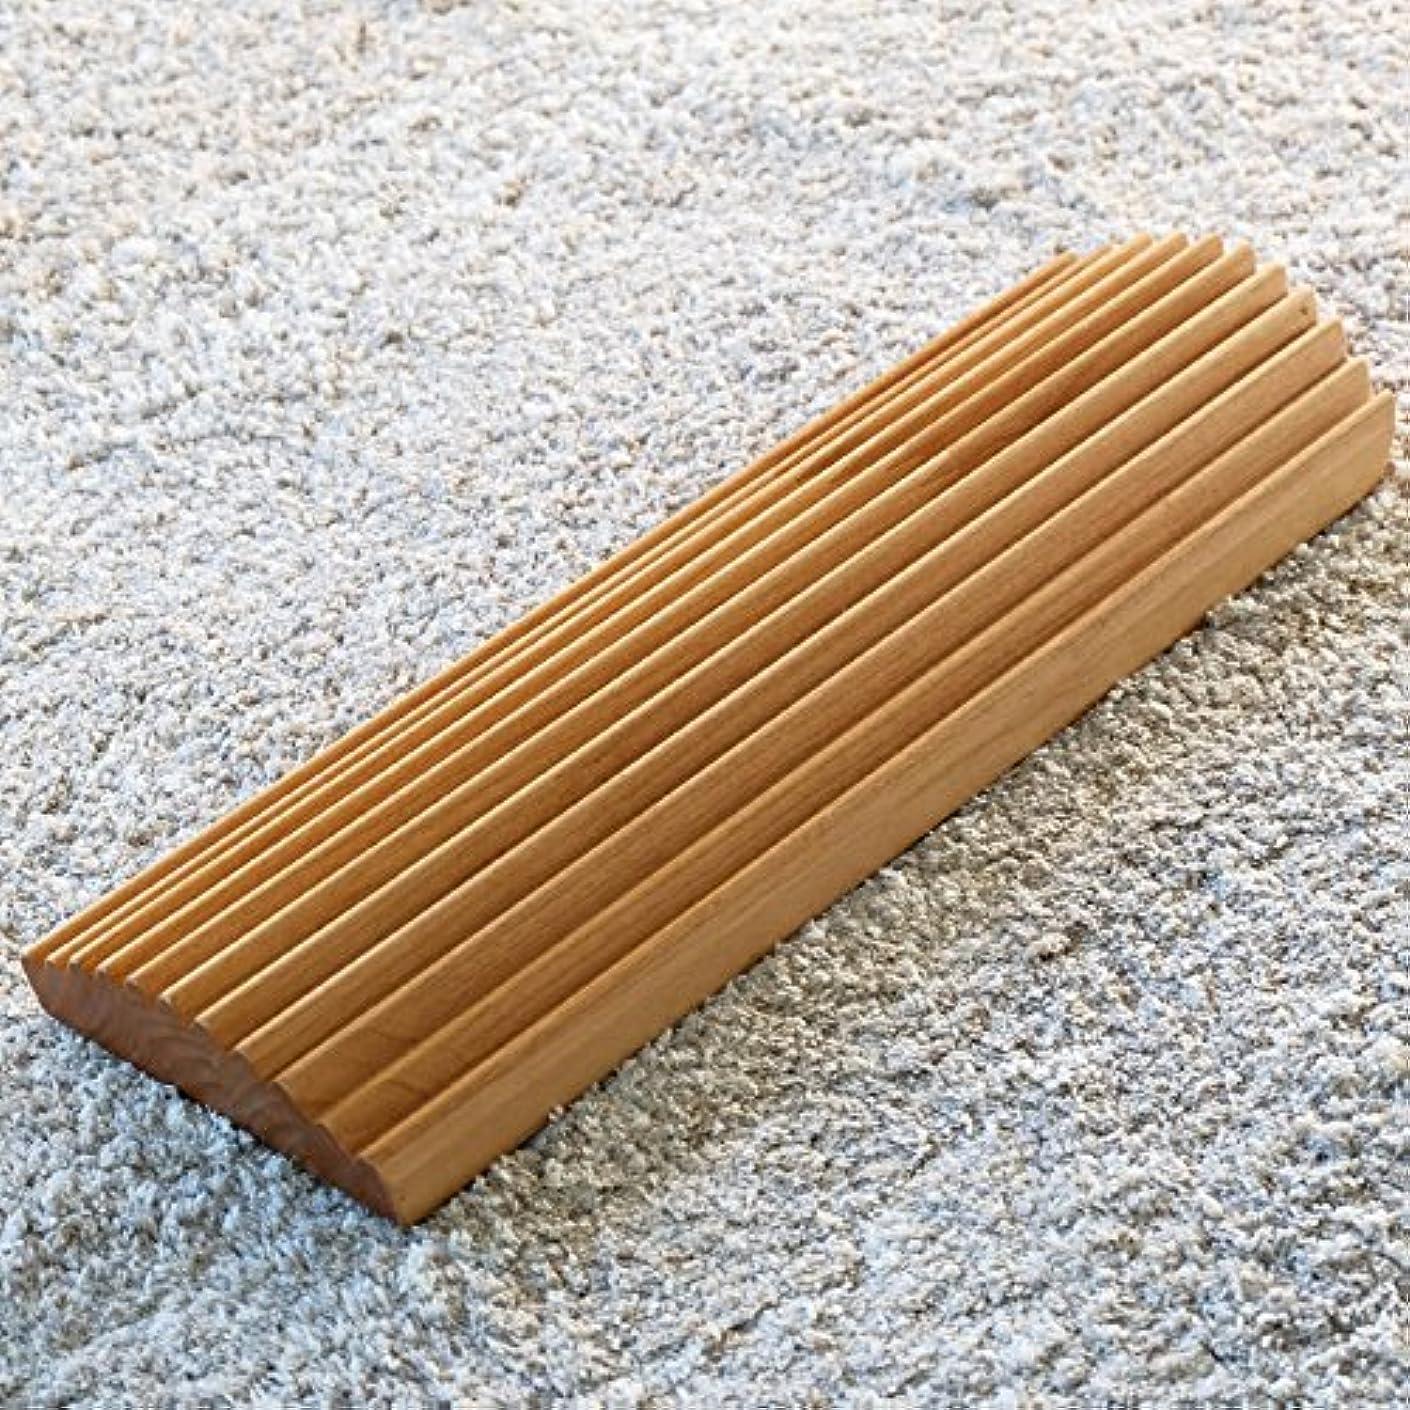 変装した皮肉なゲージISSEIKI 足踏み アルダー材 幅40cm FIT ASIFUMI 40 (NA) フットケア 木製 おしゃれ プレゼント 指圧代用 FIT ASIFUMI 40 (AL-NA)